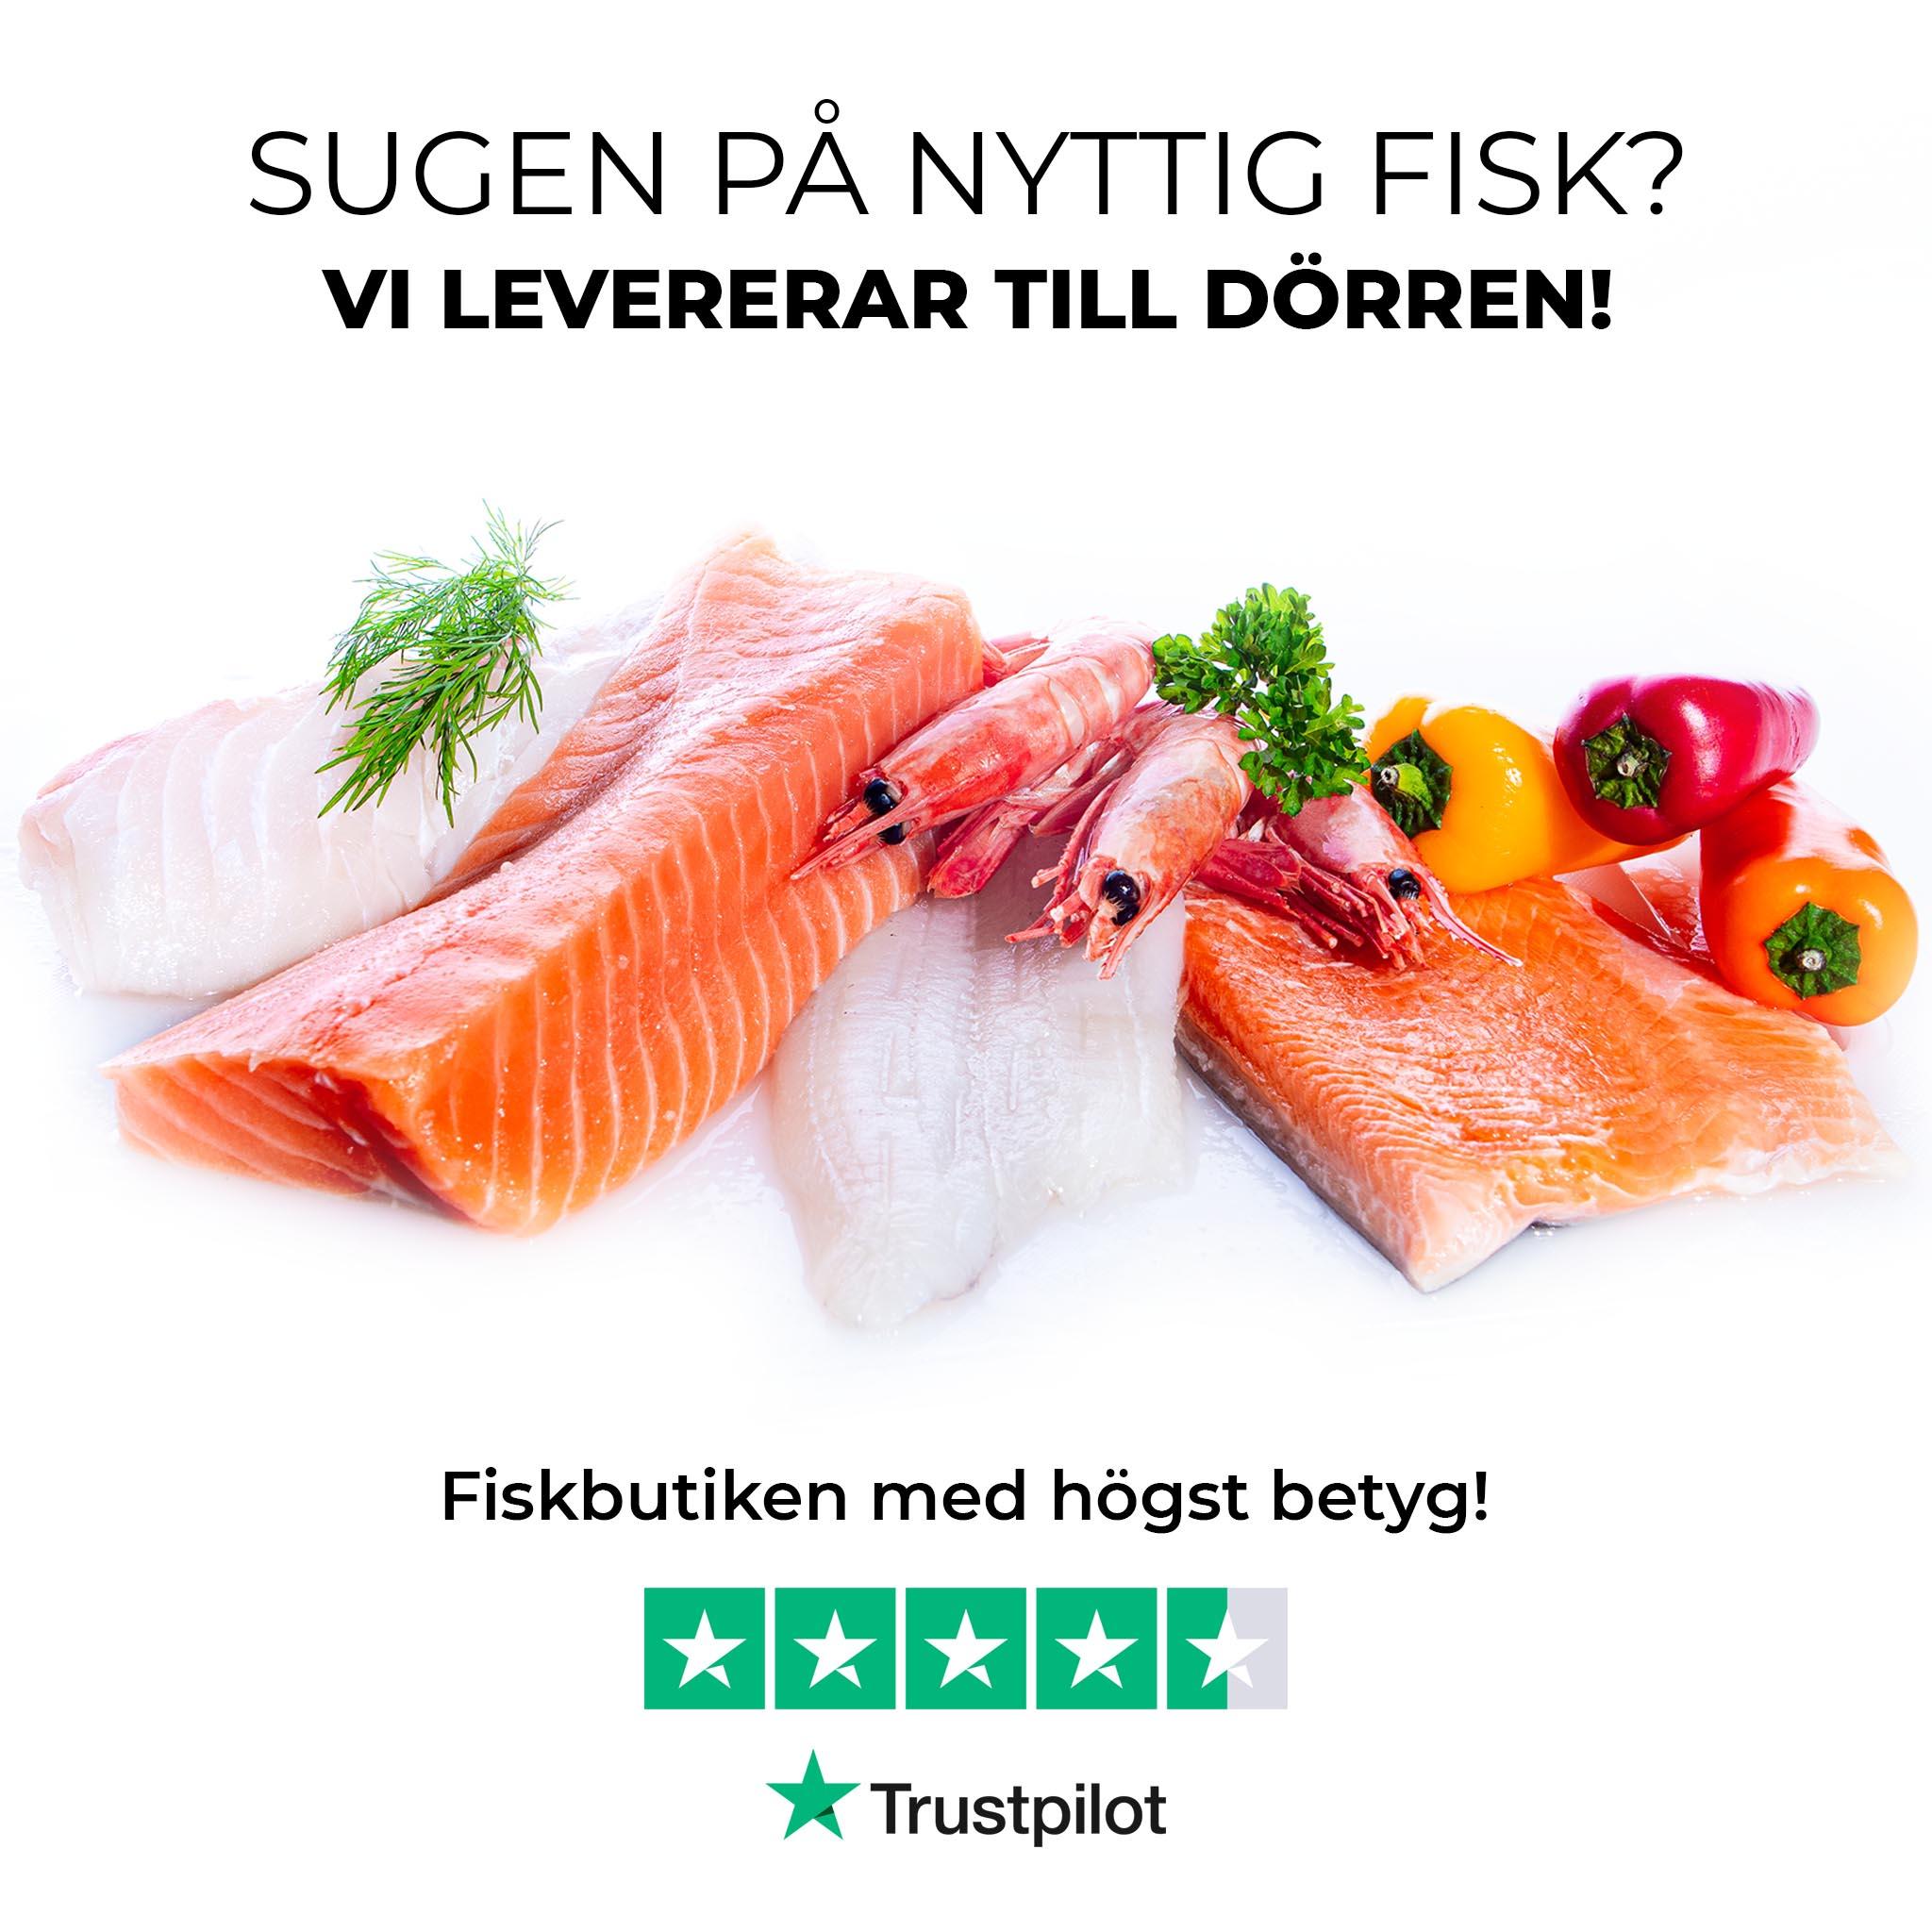 Svenska ishavet AB